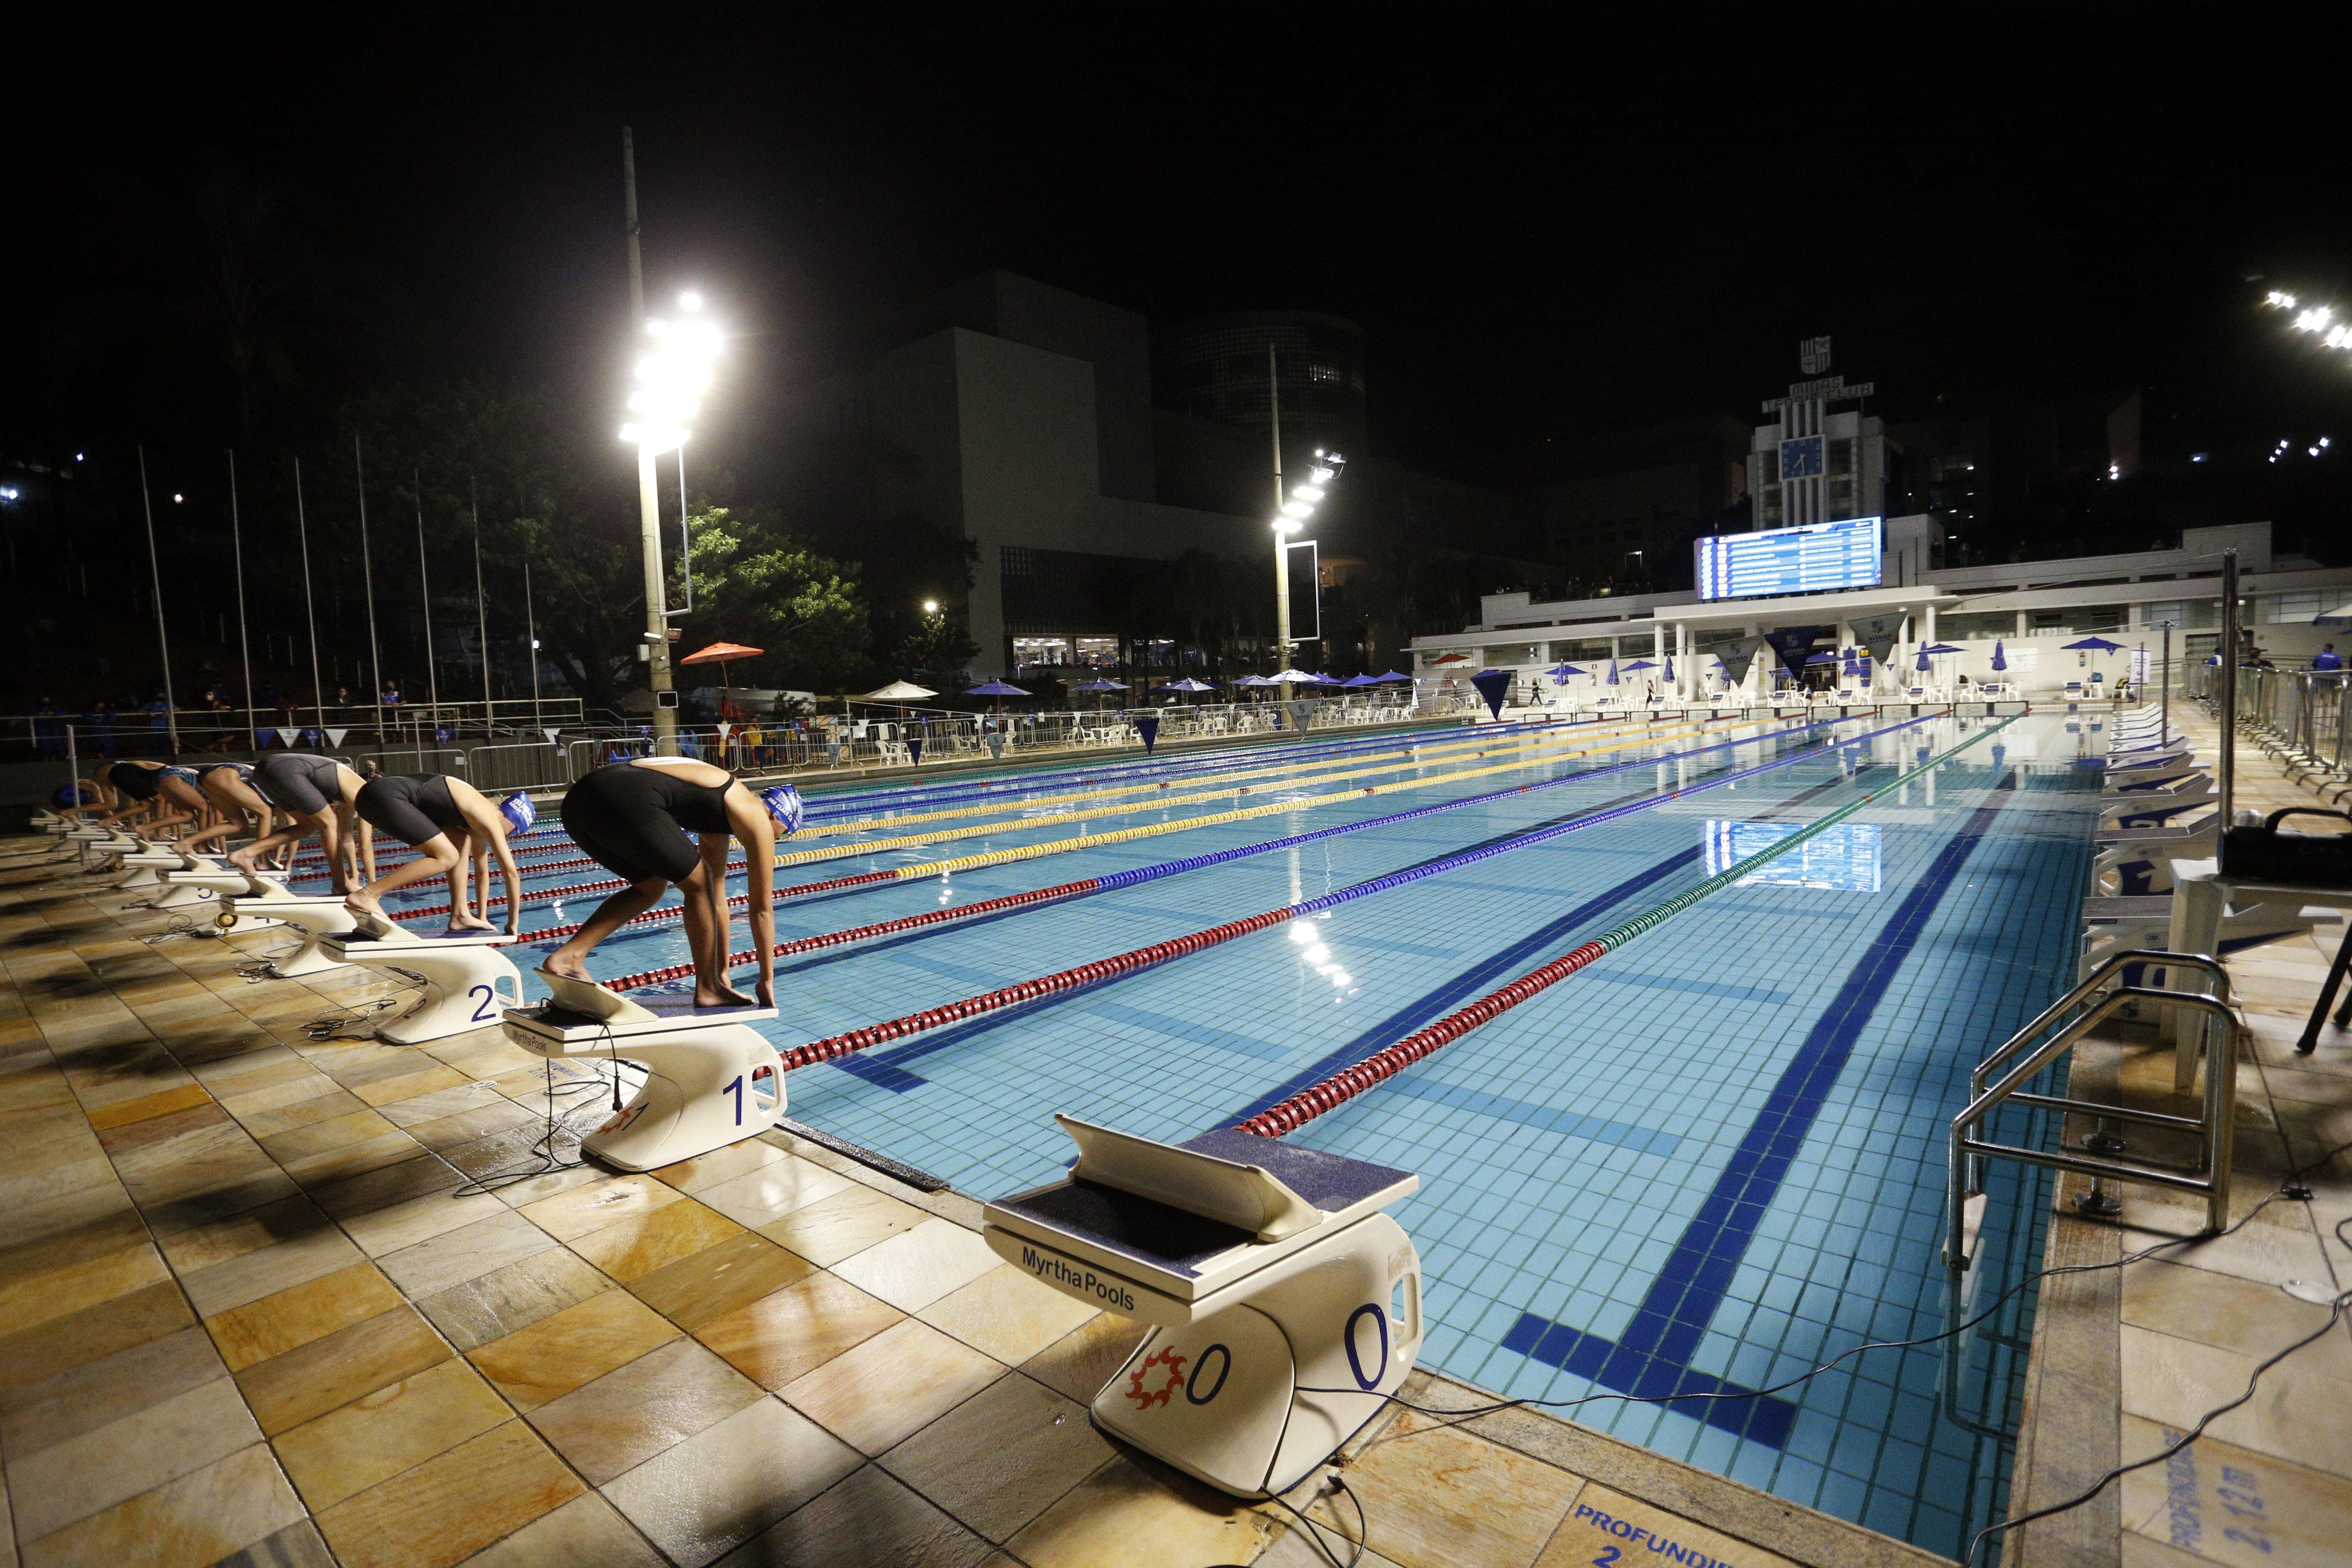 Parque Aquático do Minas I recebe novamente o Torneio Metropolitano / Fotos: Orlando Bento/MTC